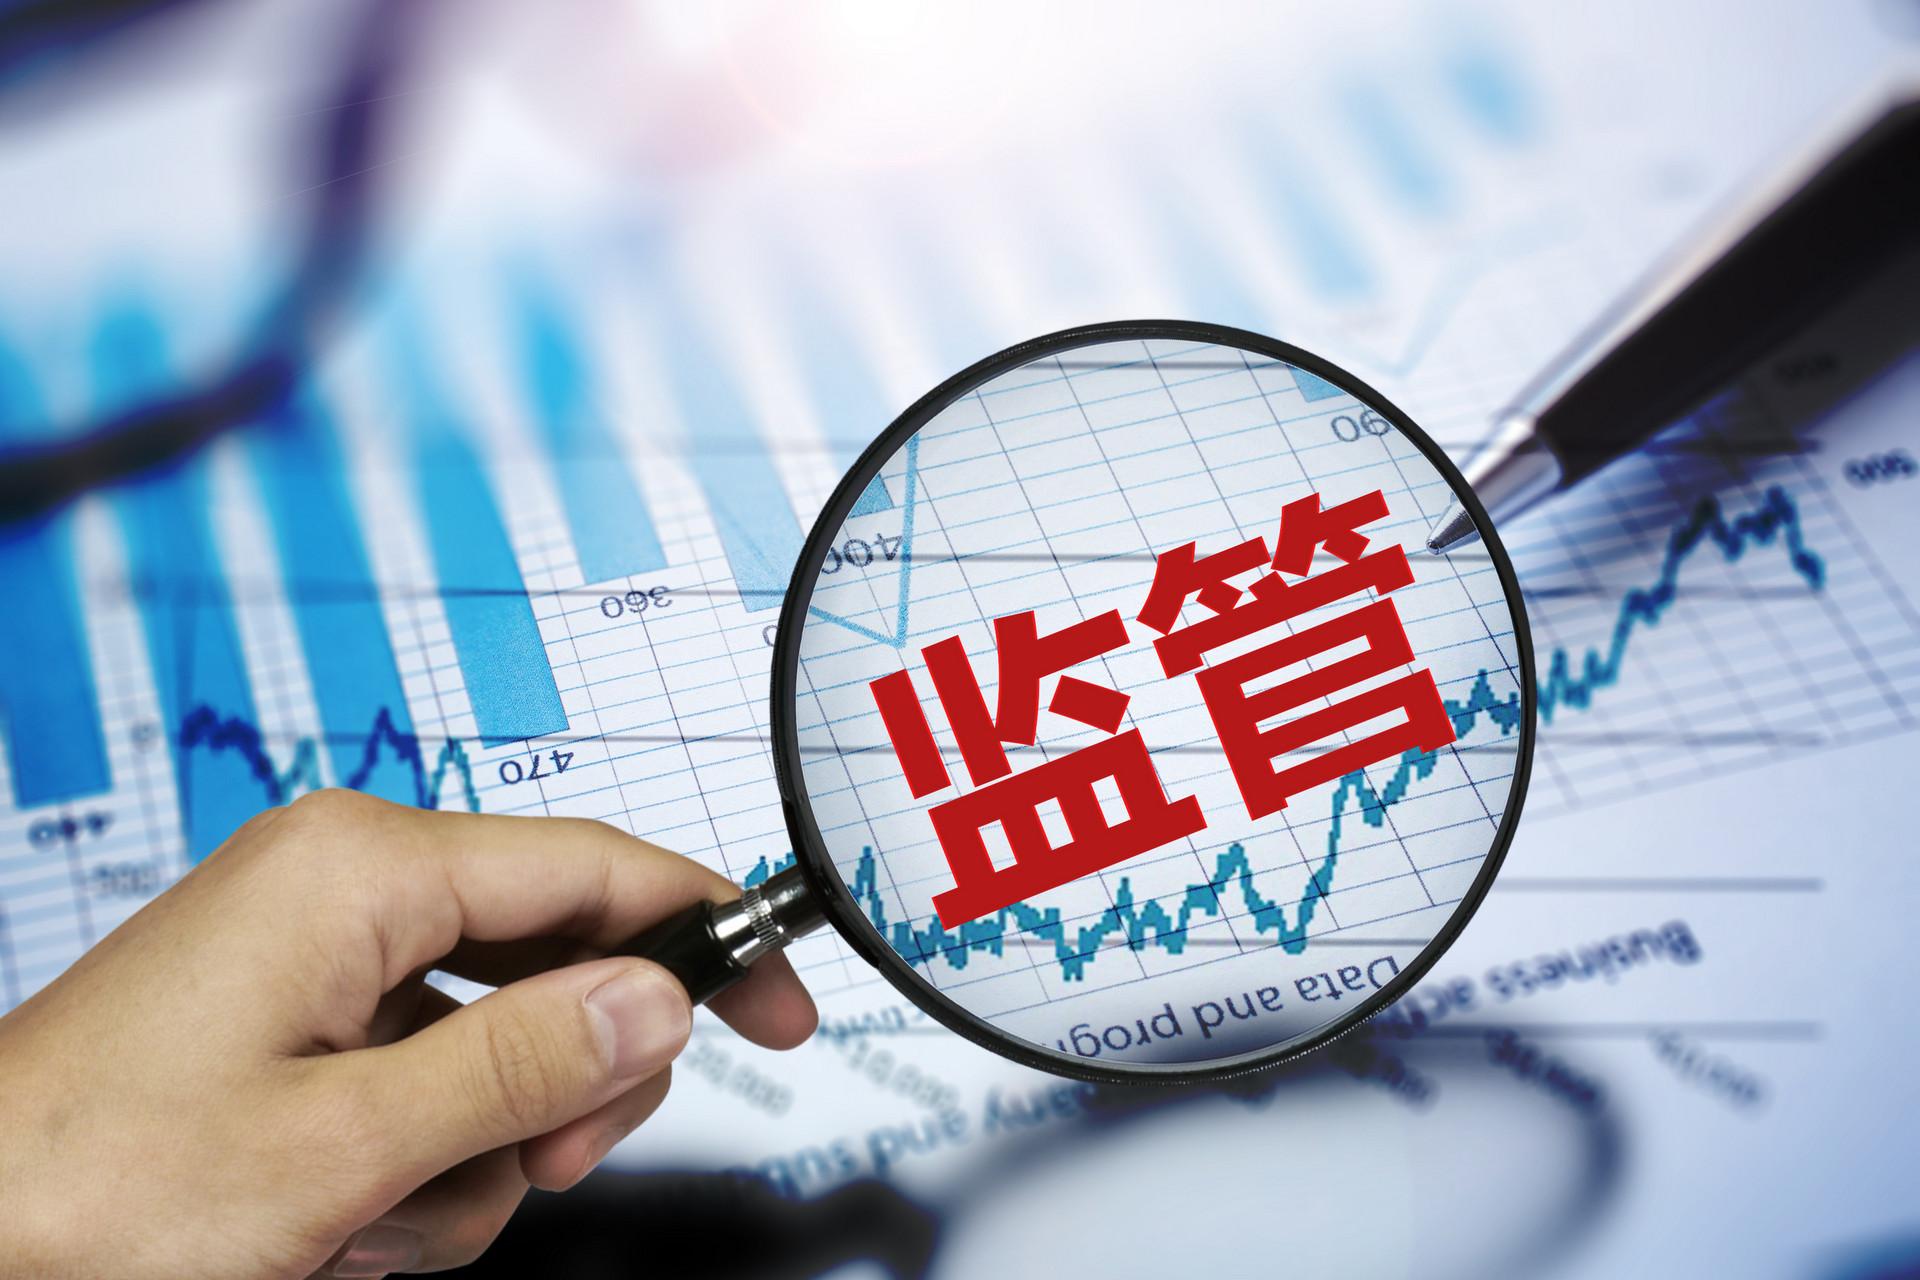 代理记账,杭州比较好的记账代理公司有哪些,杭州代理记账